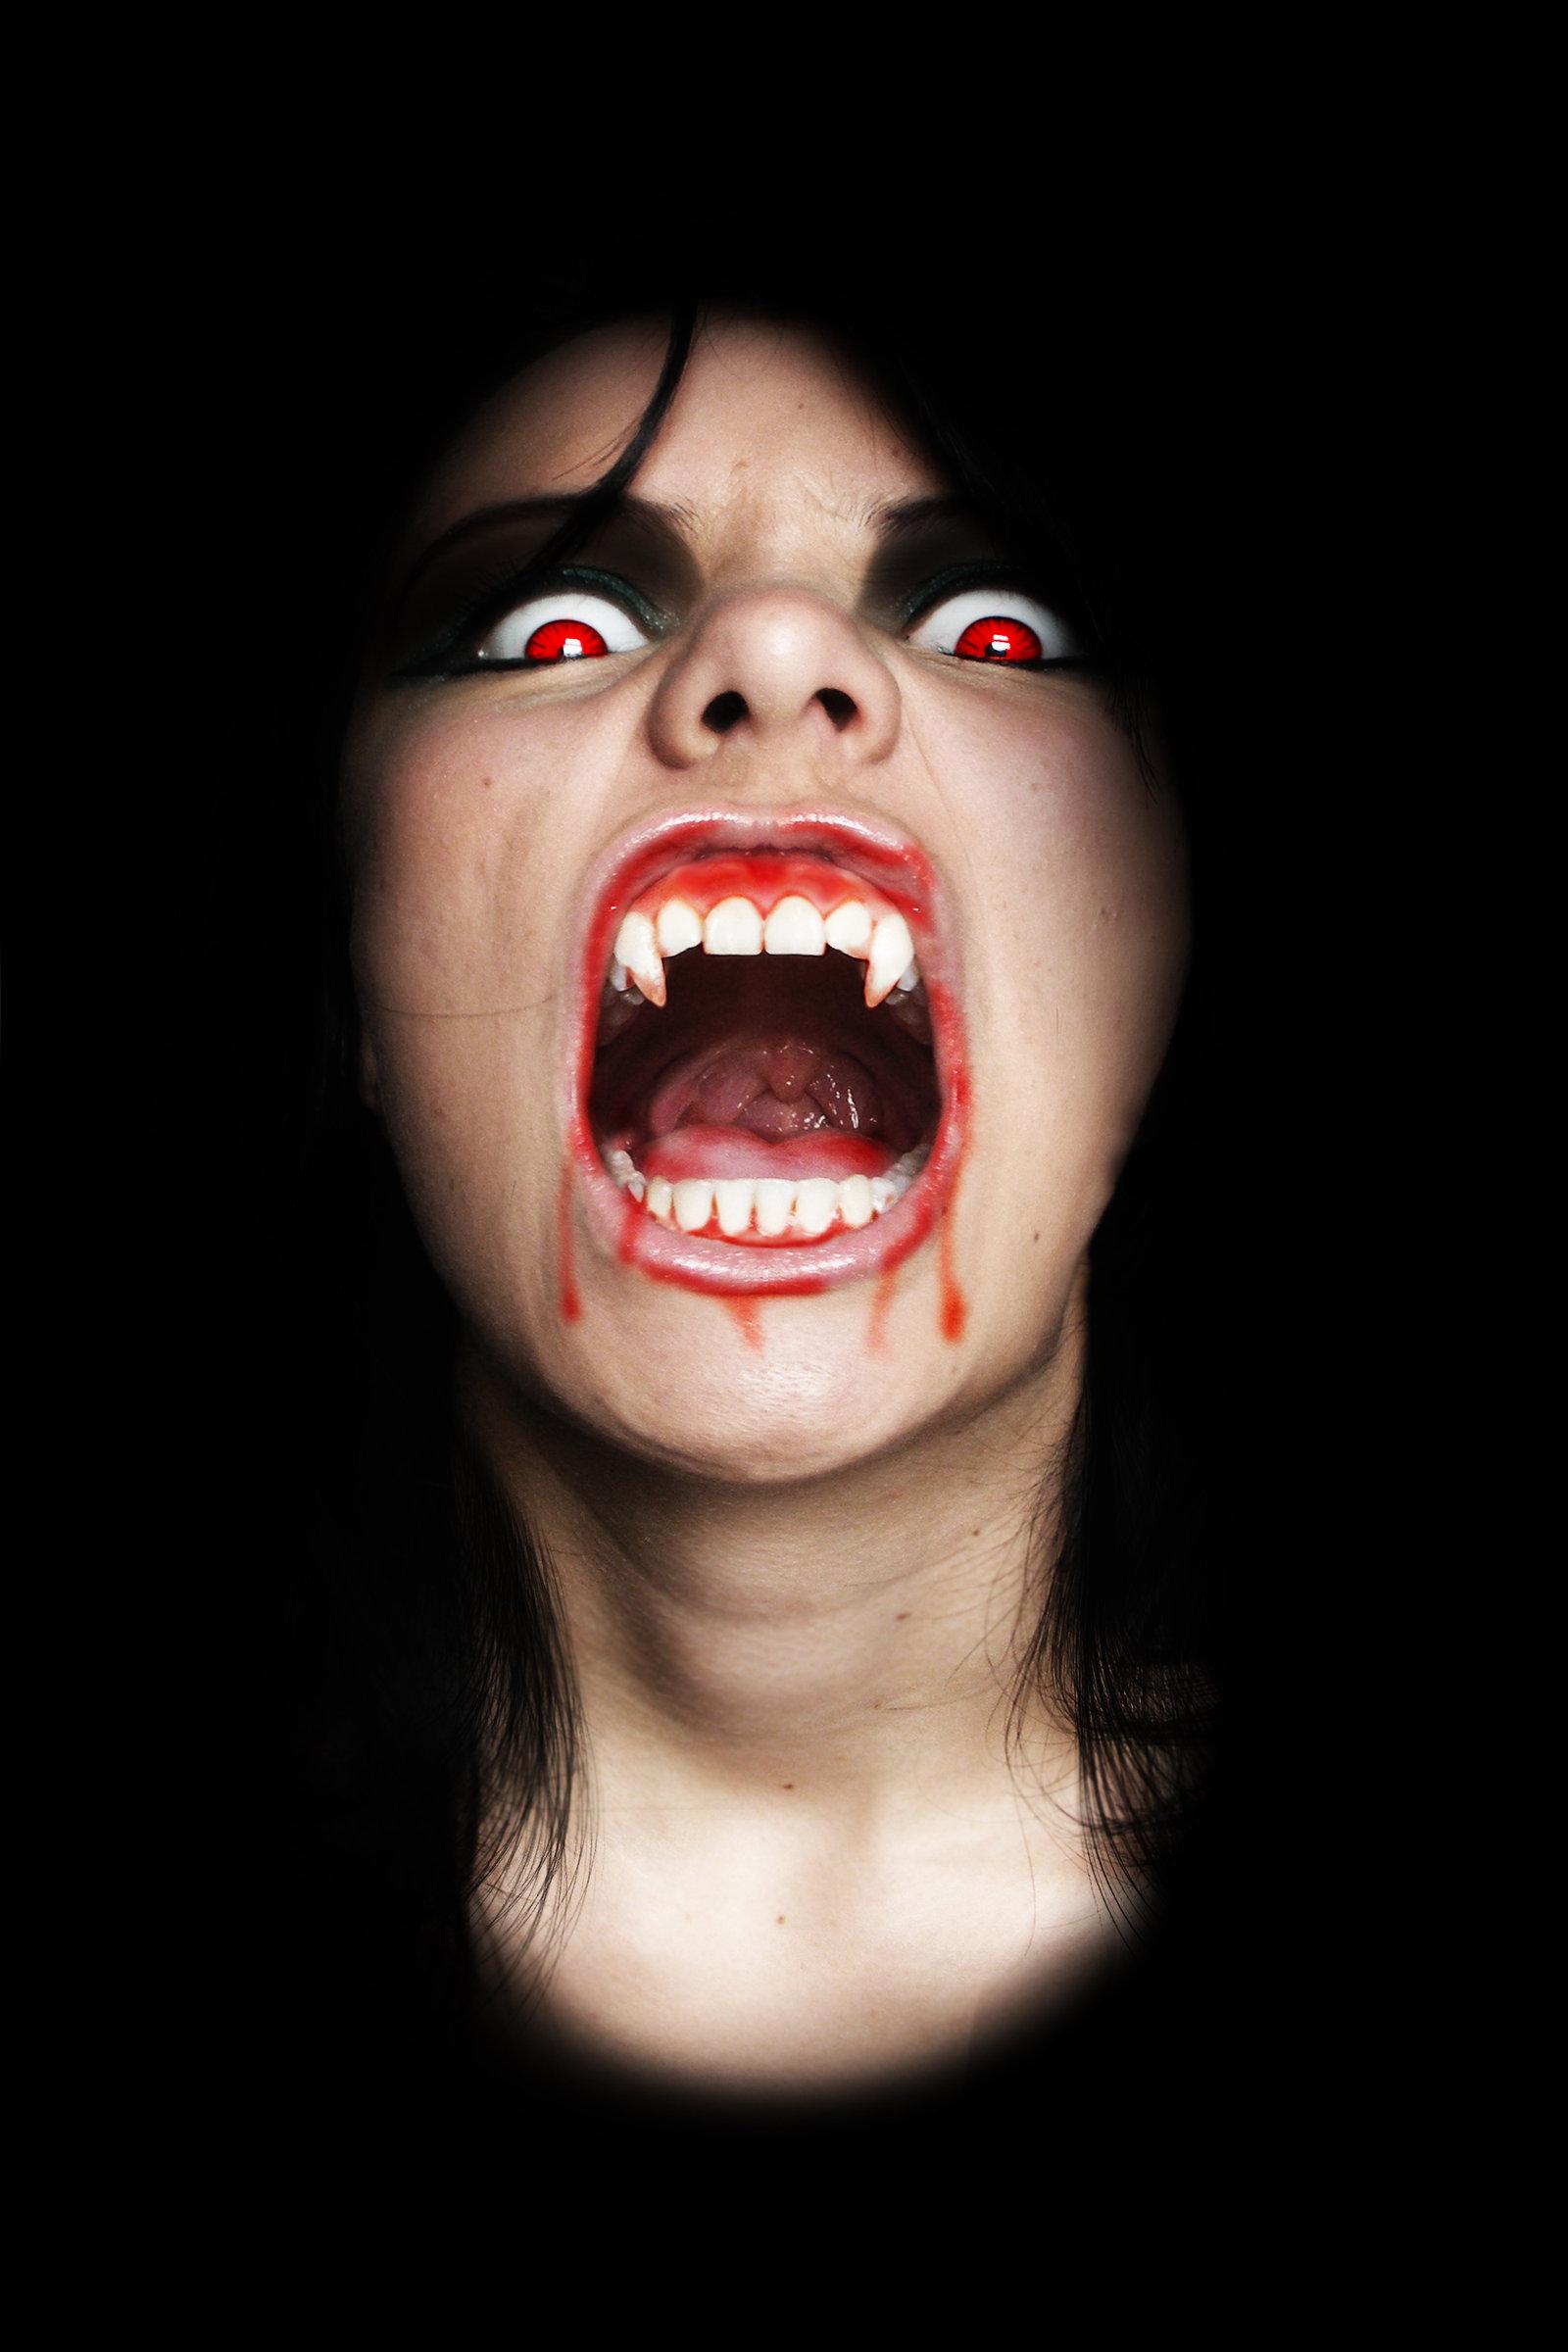 Девушка вампир, вампирша, vampire, wallpaper, скачать фото, обои для рабочего стола